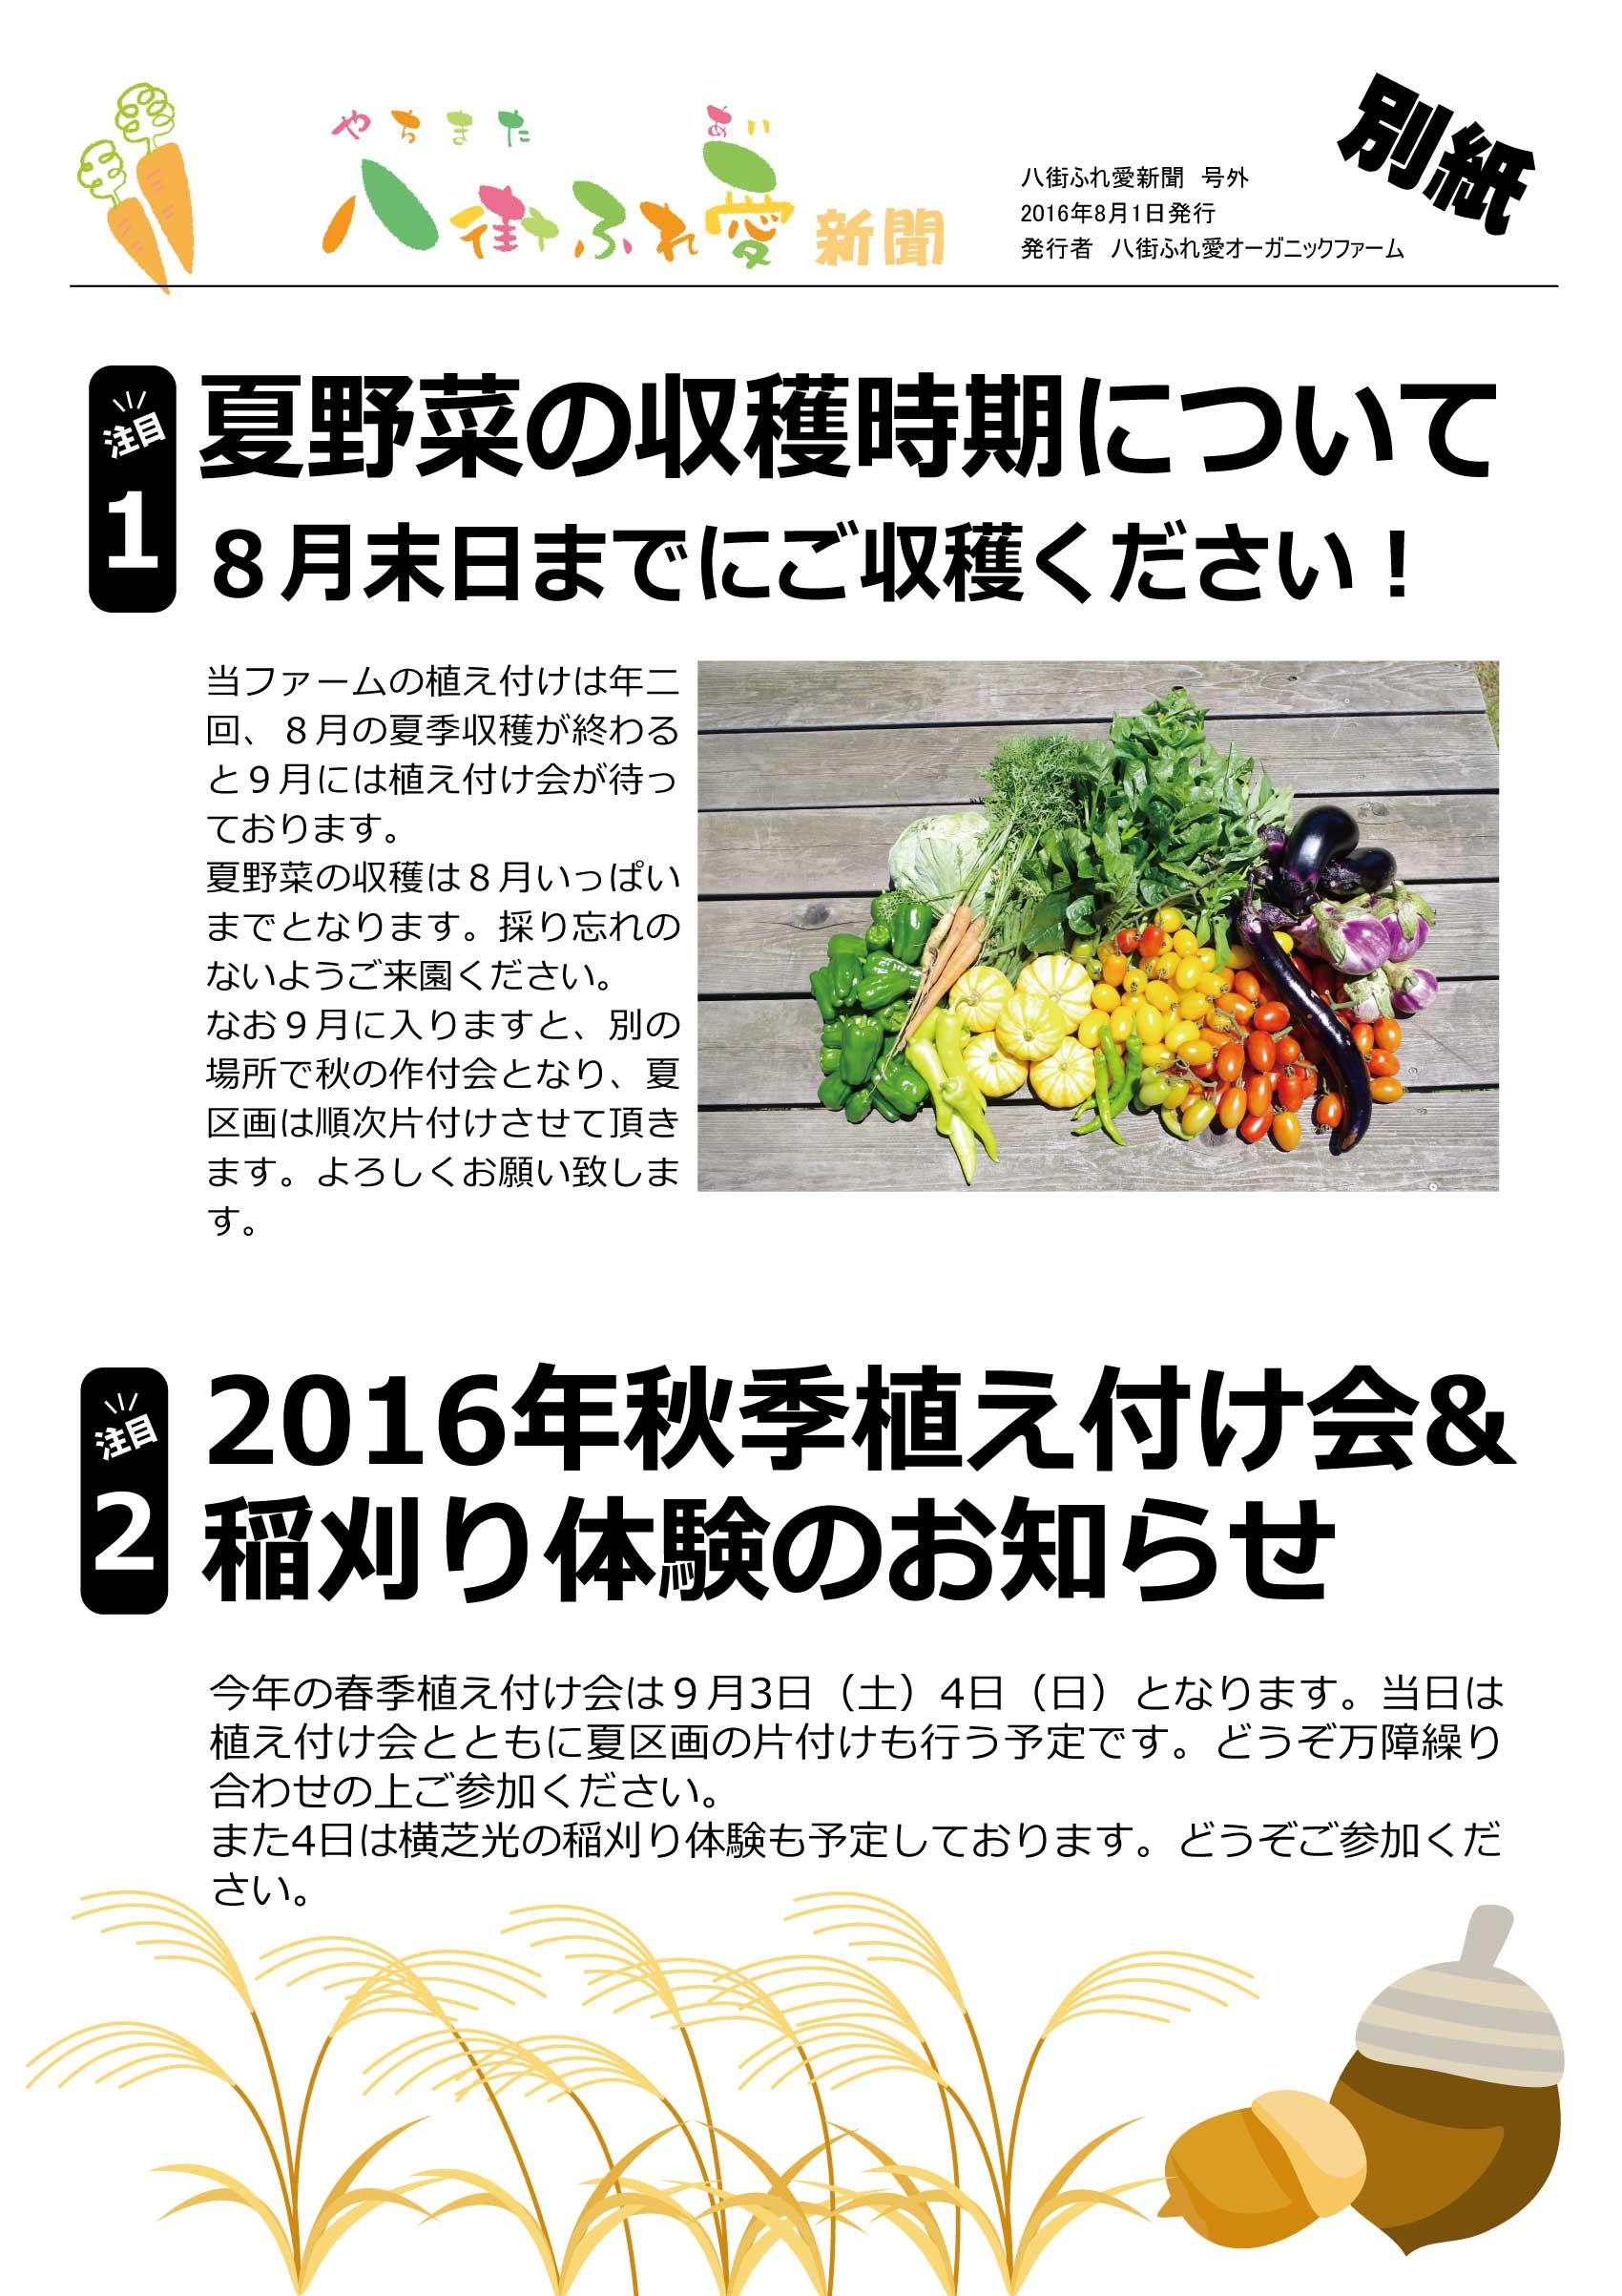 夏野菜の収穫時期について 2016年秋季植え付け会&稲刈り体験のお知らせ